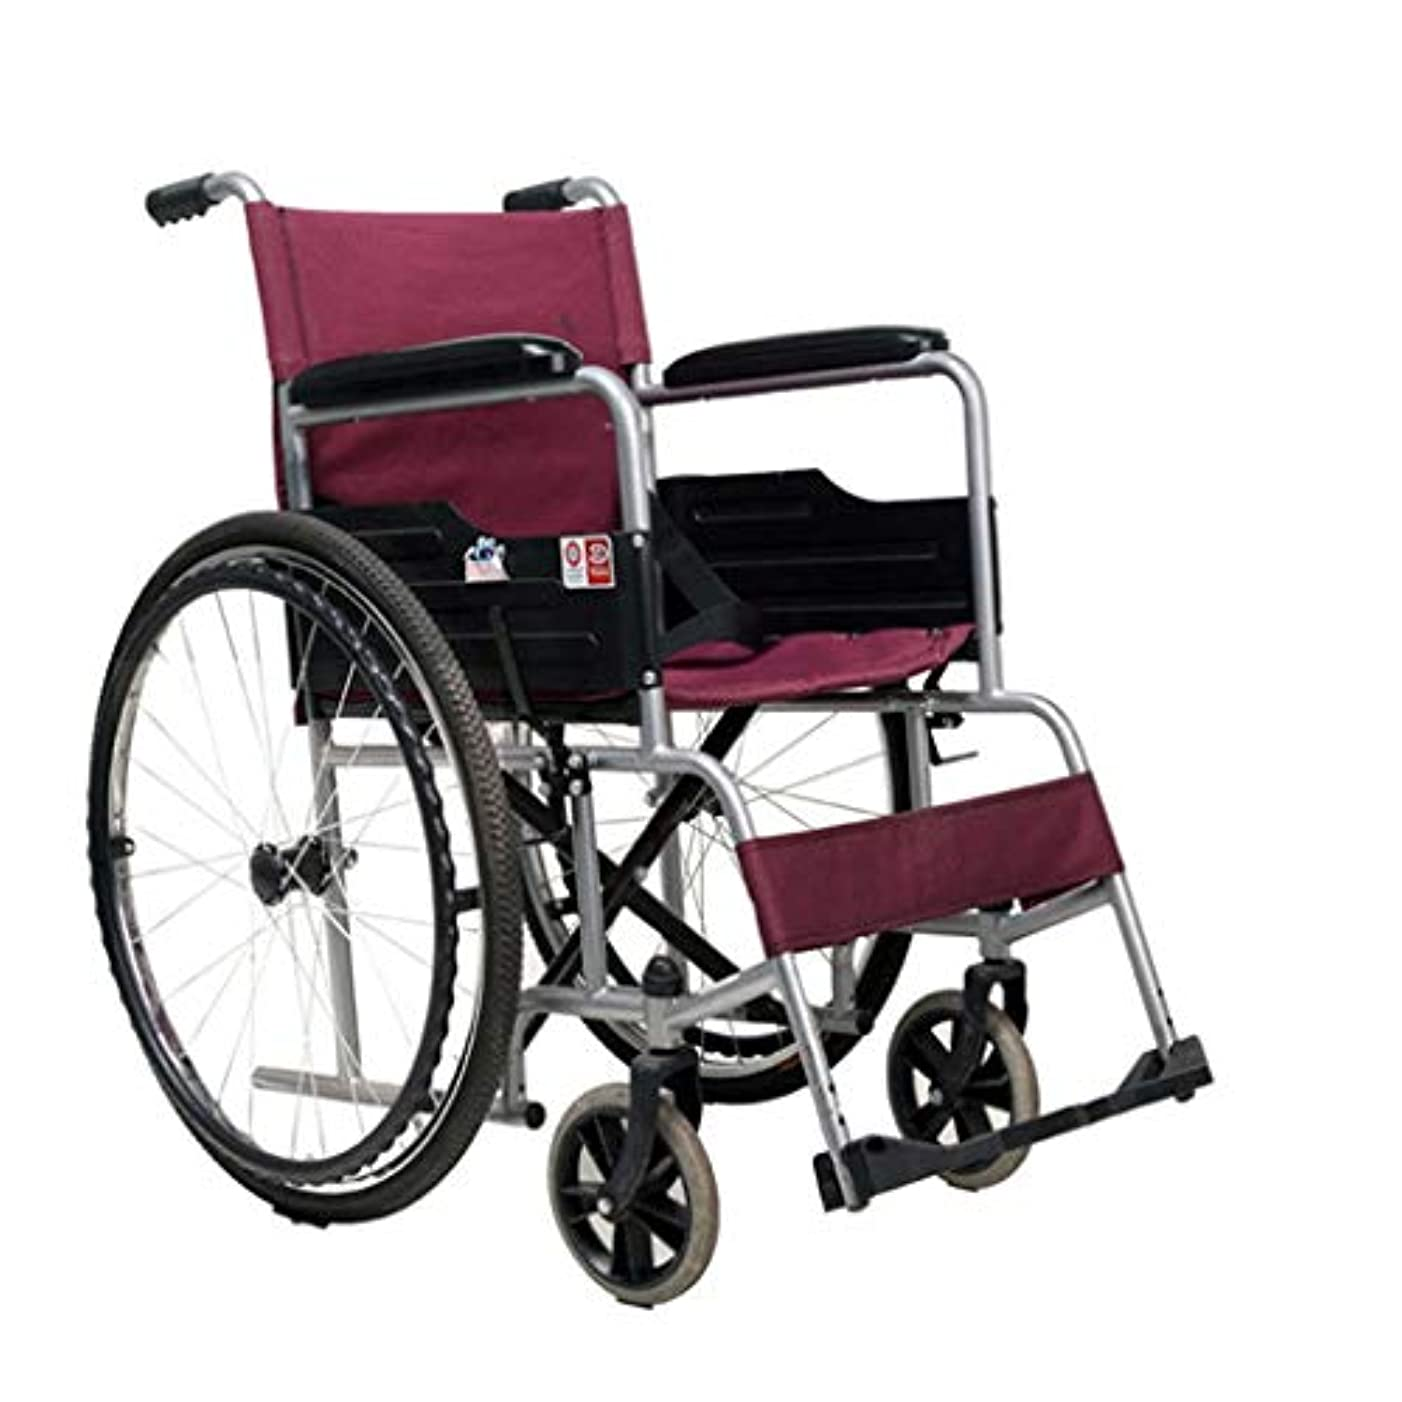 修理可能信頼できる代理人アルミ製車椅子、軽量折りたたみ式フレーム、客室乗務員用車椅子、携帯用輸送椅子、空気入りタイヤ